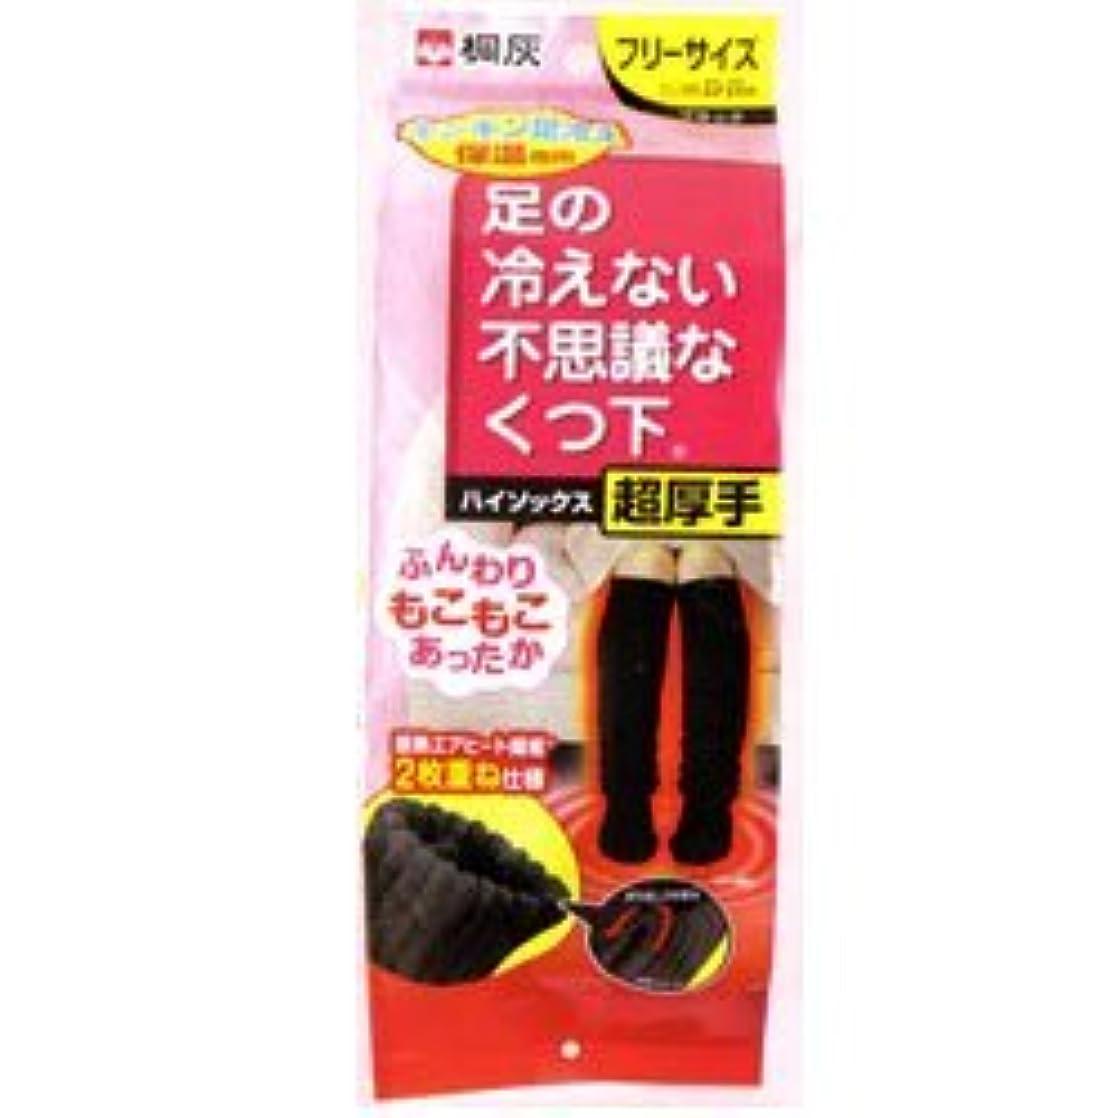 【桐灰化学】足の冷えない不思議な靴下 ハイソックス 超厚手 ブラック フリーサイズ 1足分 ×3個セット